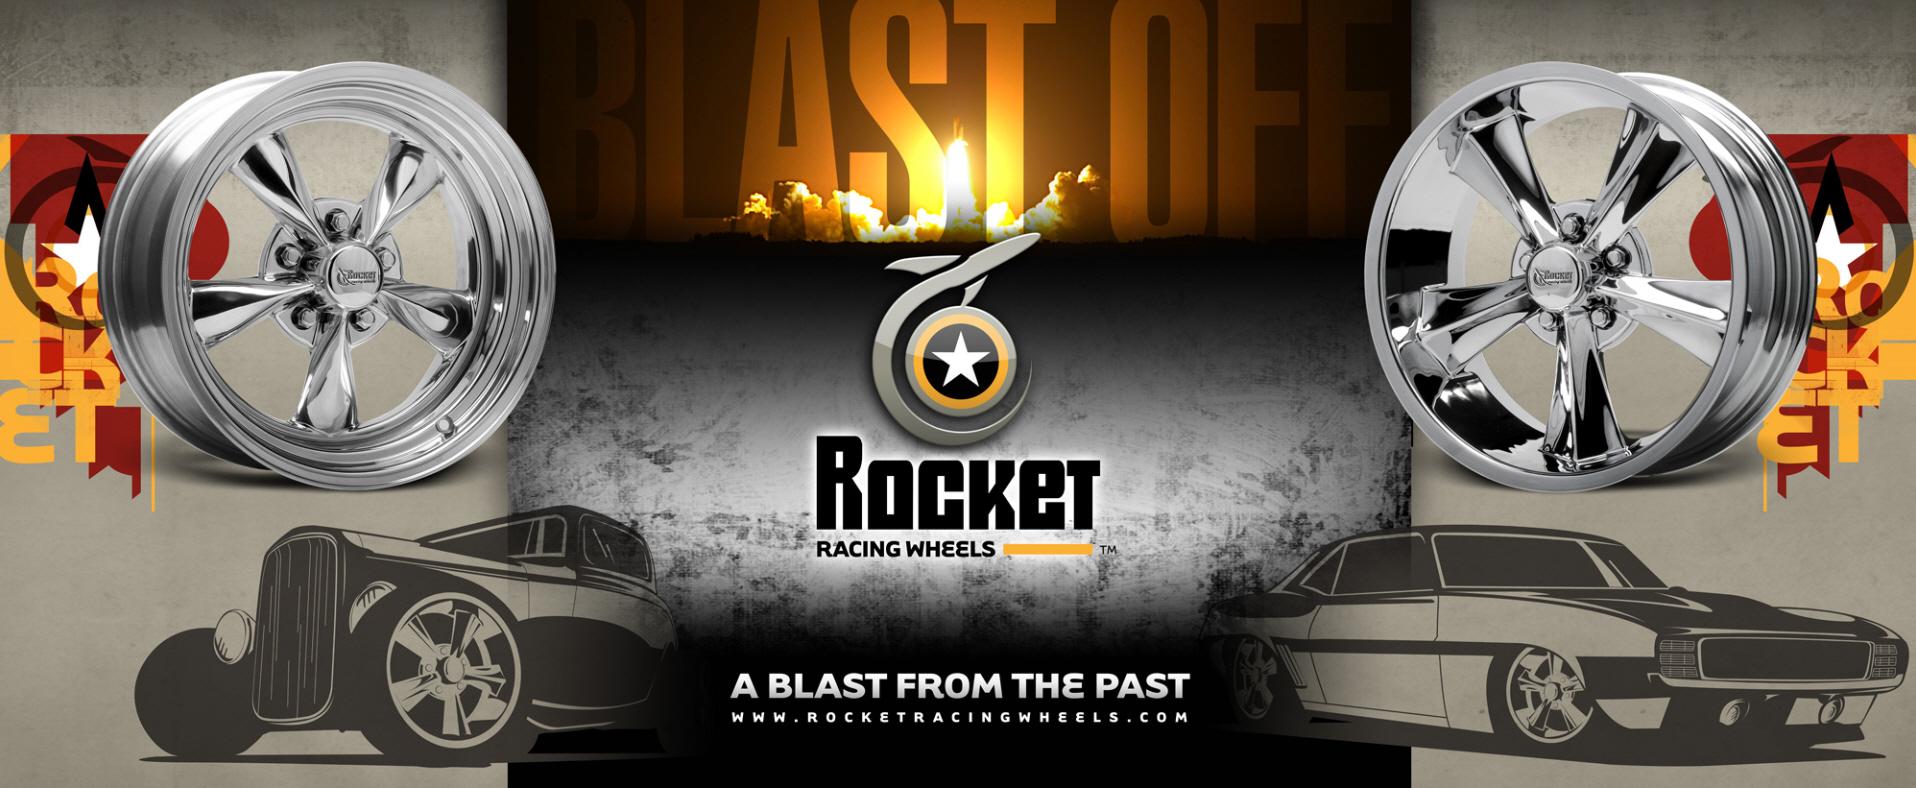 Rocket Racing Wheels tradeshow display